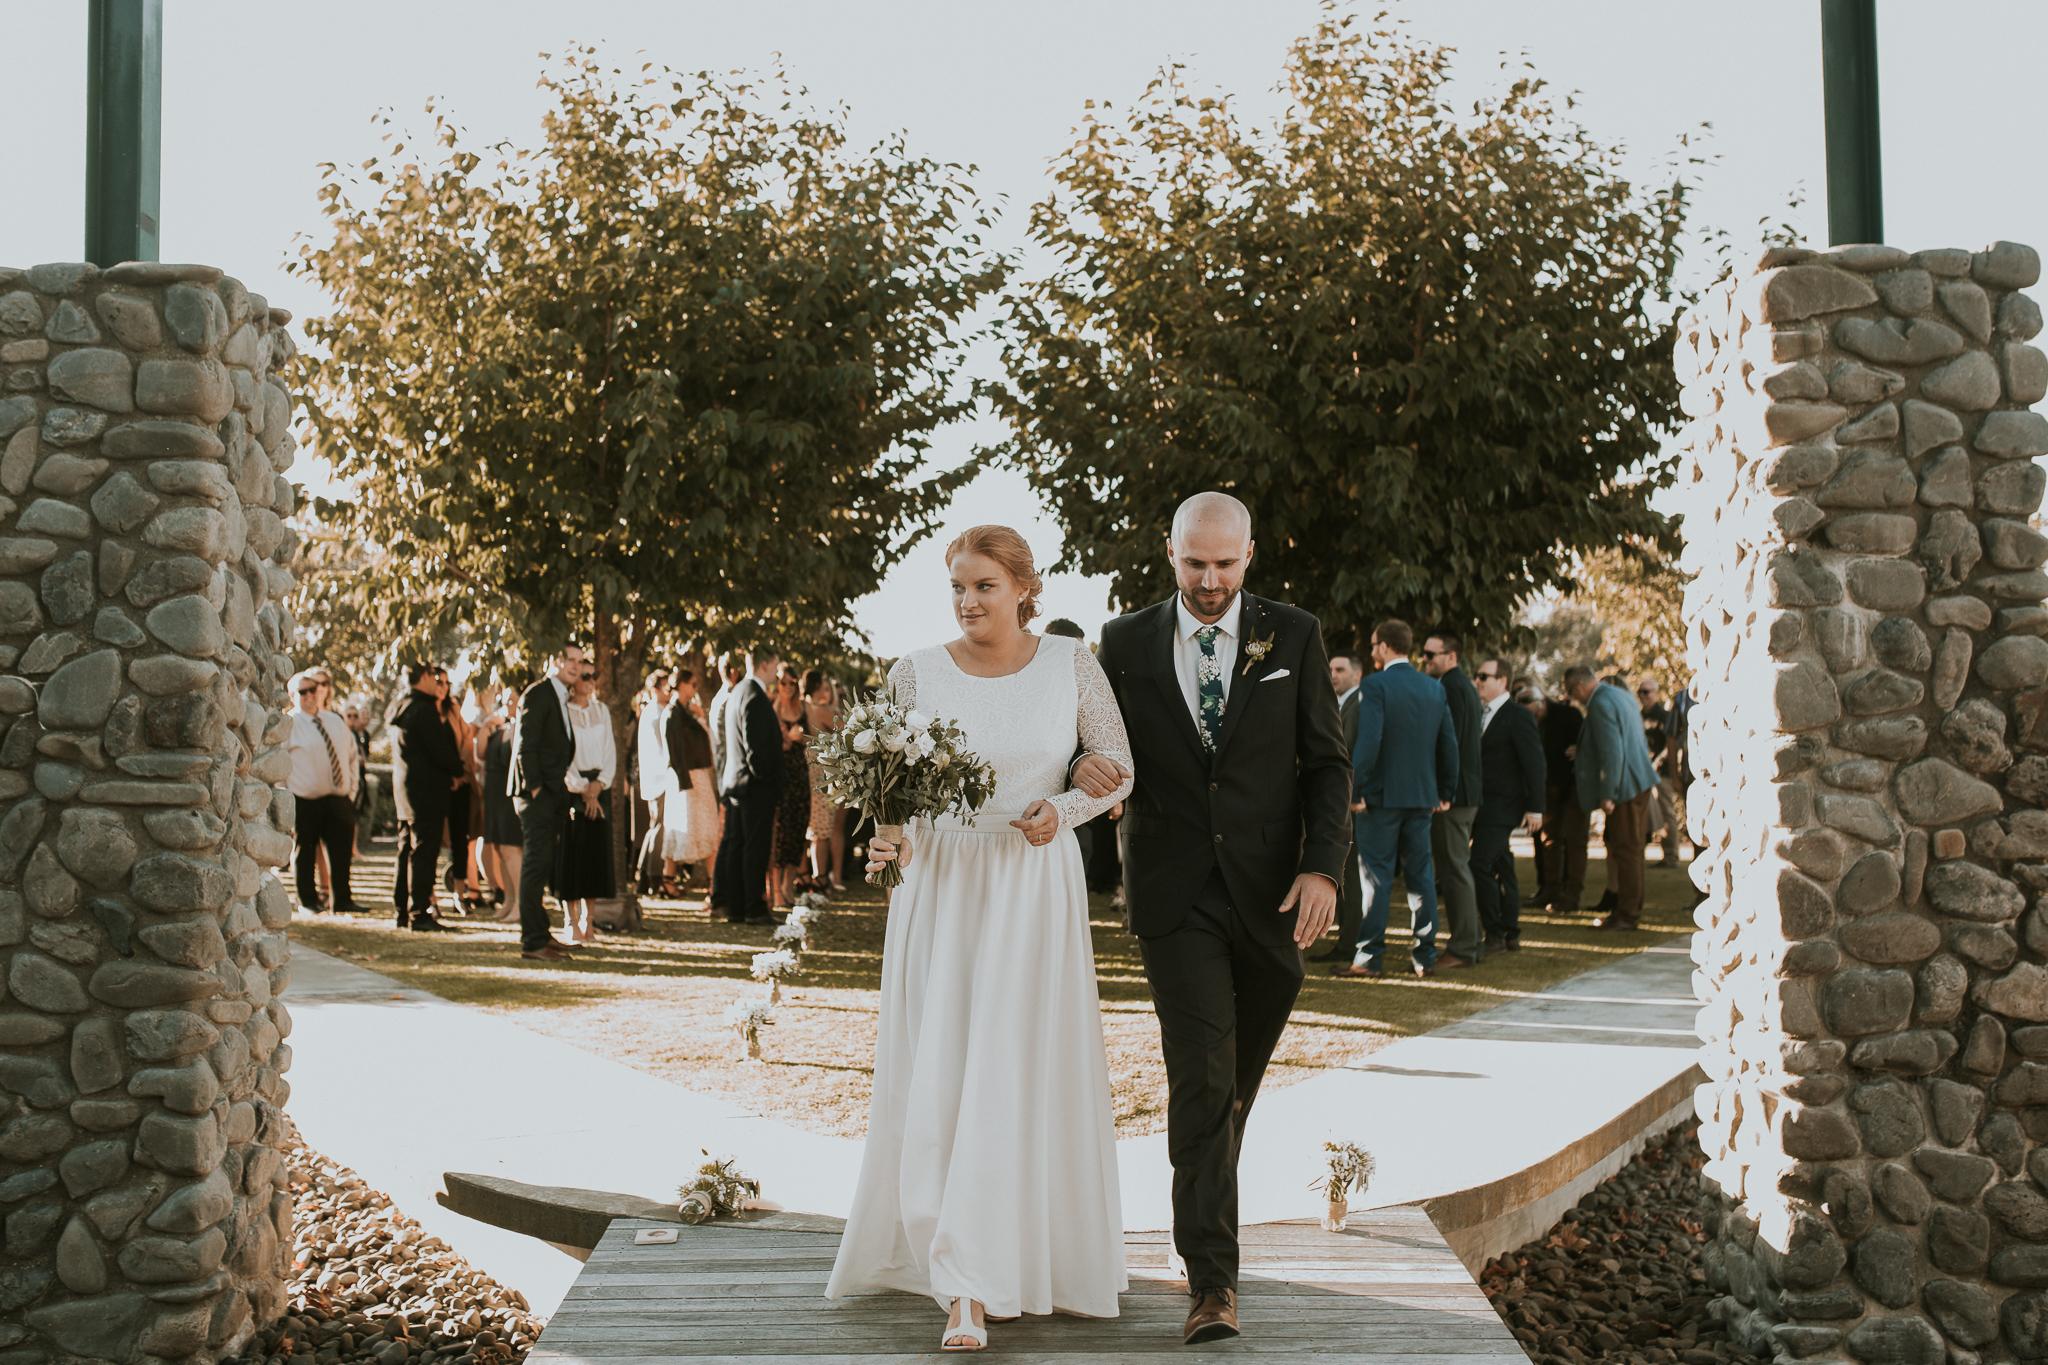 wedding photographer hawkes bay , Lisa Fisher Photography, Selini Winery Wedding -332.jpg